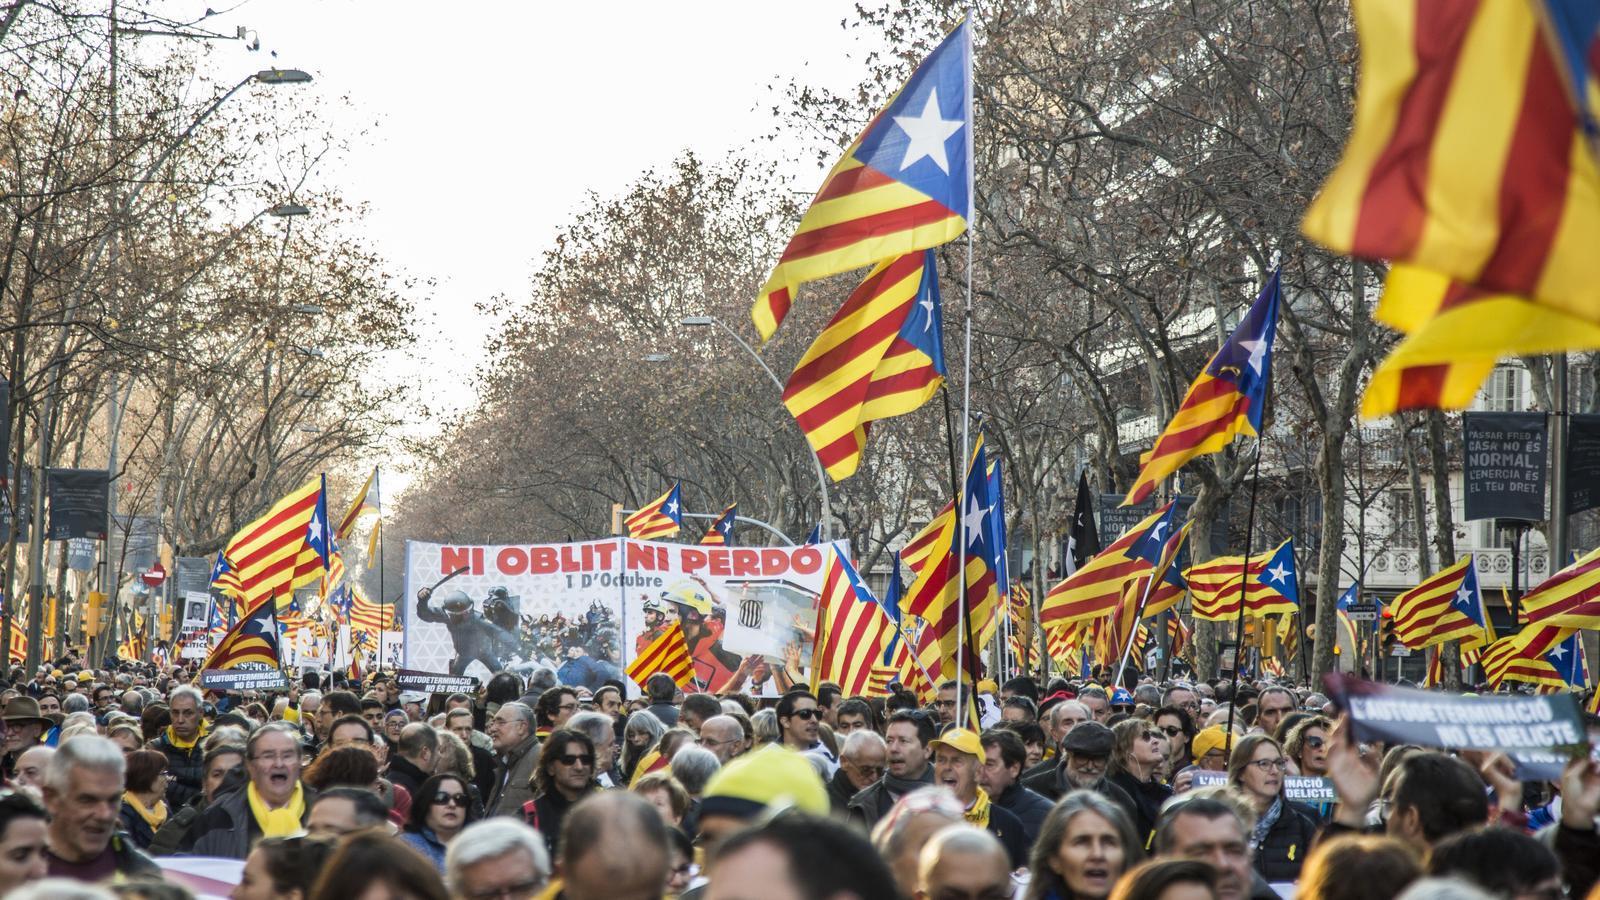 """Milers de persones omplen la Gran Via de Barcelona en contra del judici al Procés. A la imatge, una pancarta gegant on es pot llegir """"ni oblit ni perdó"""""""